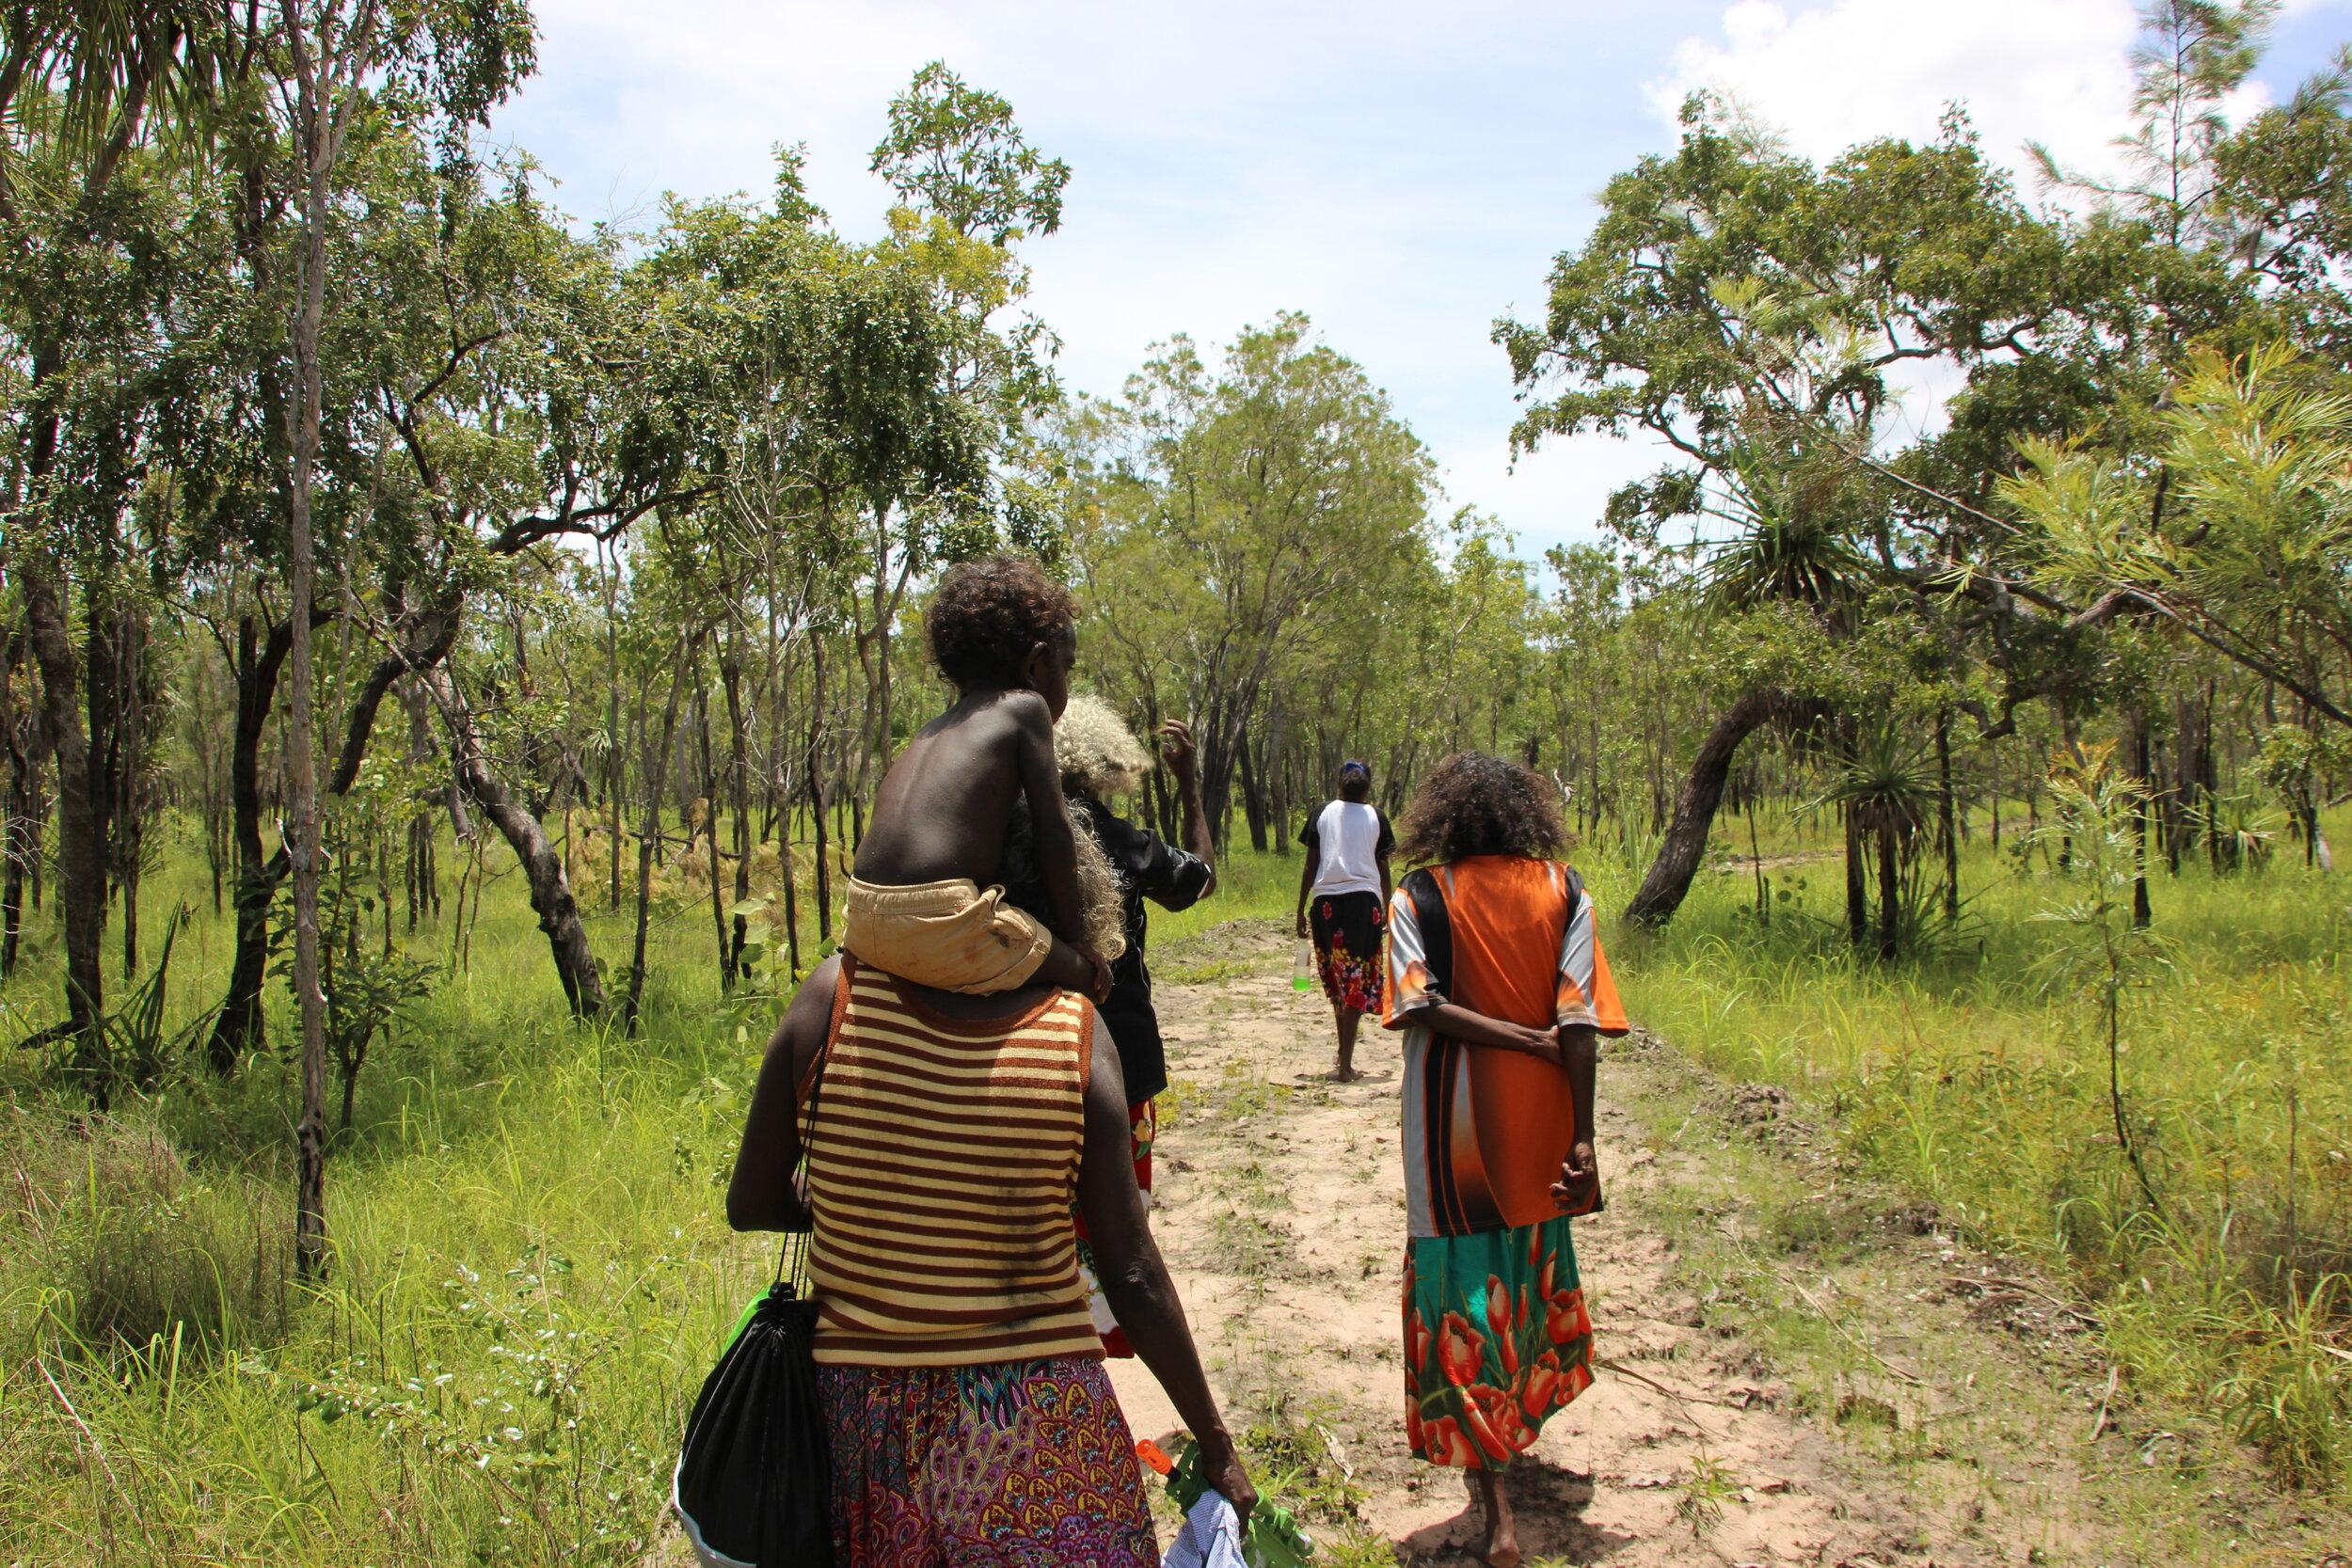 Image | By Ingrid Johanson. Babbarra women visiting billabong near Barridjowkeng homeland.